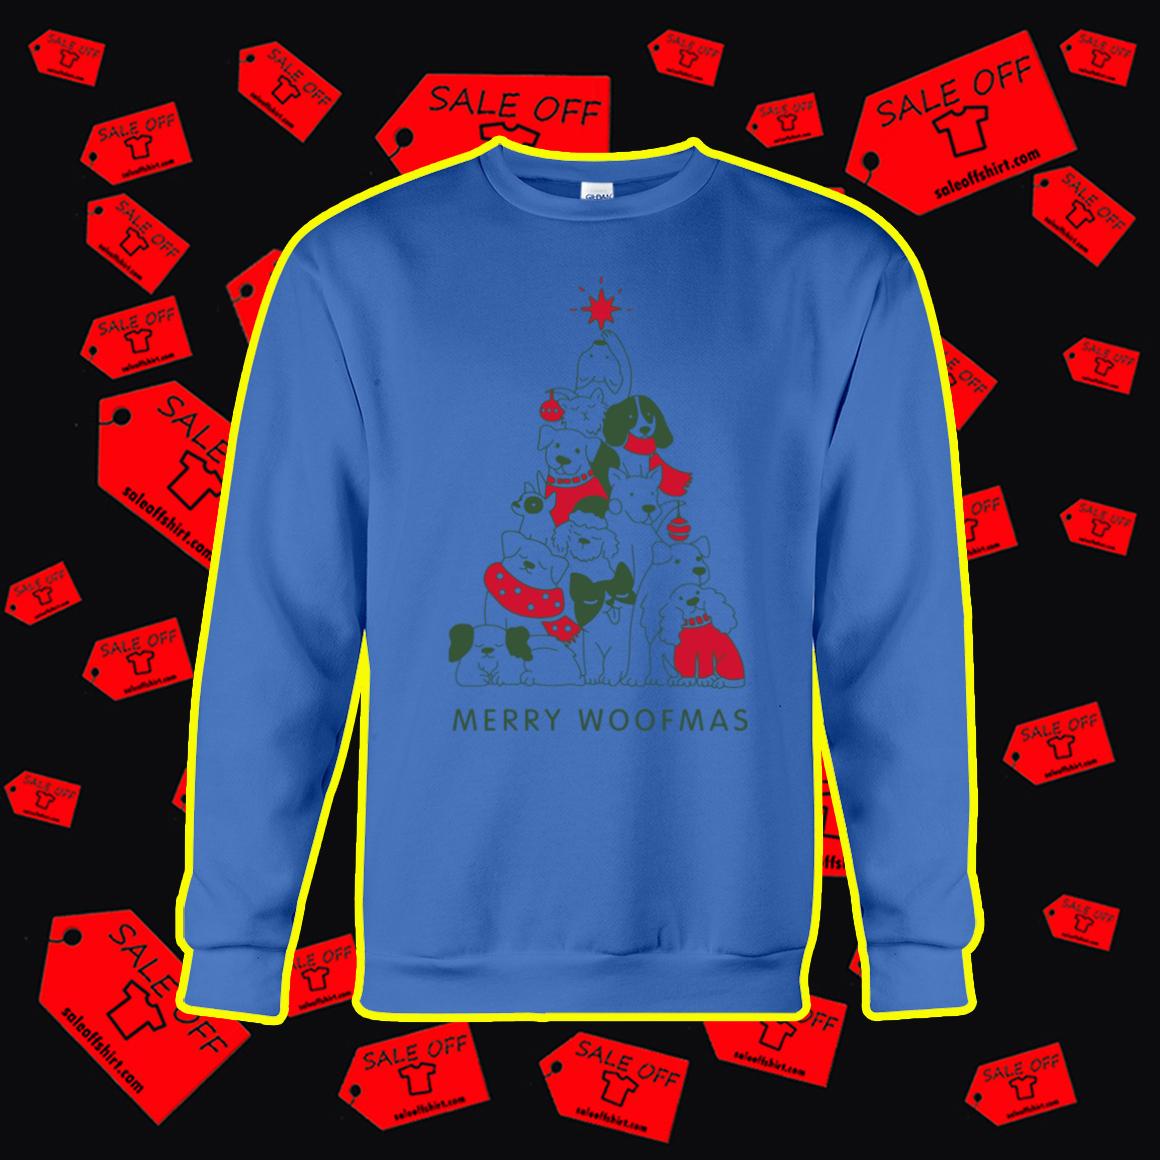 Merry Woofmas Christmas Tree sweatshirt